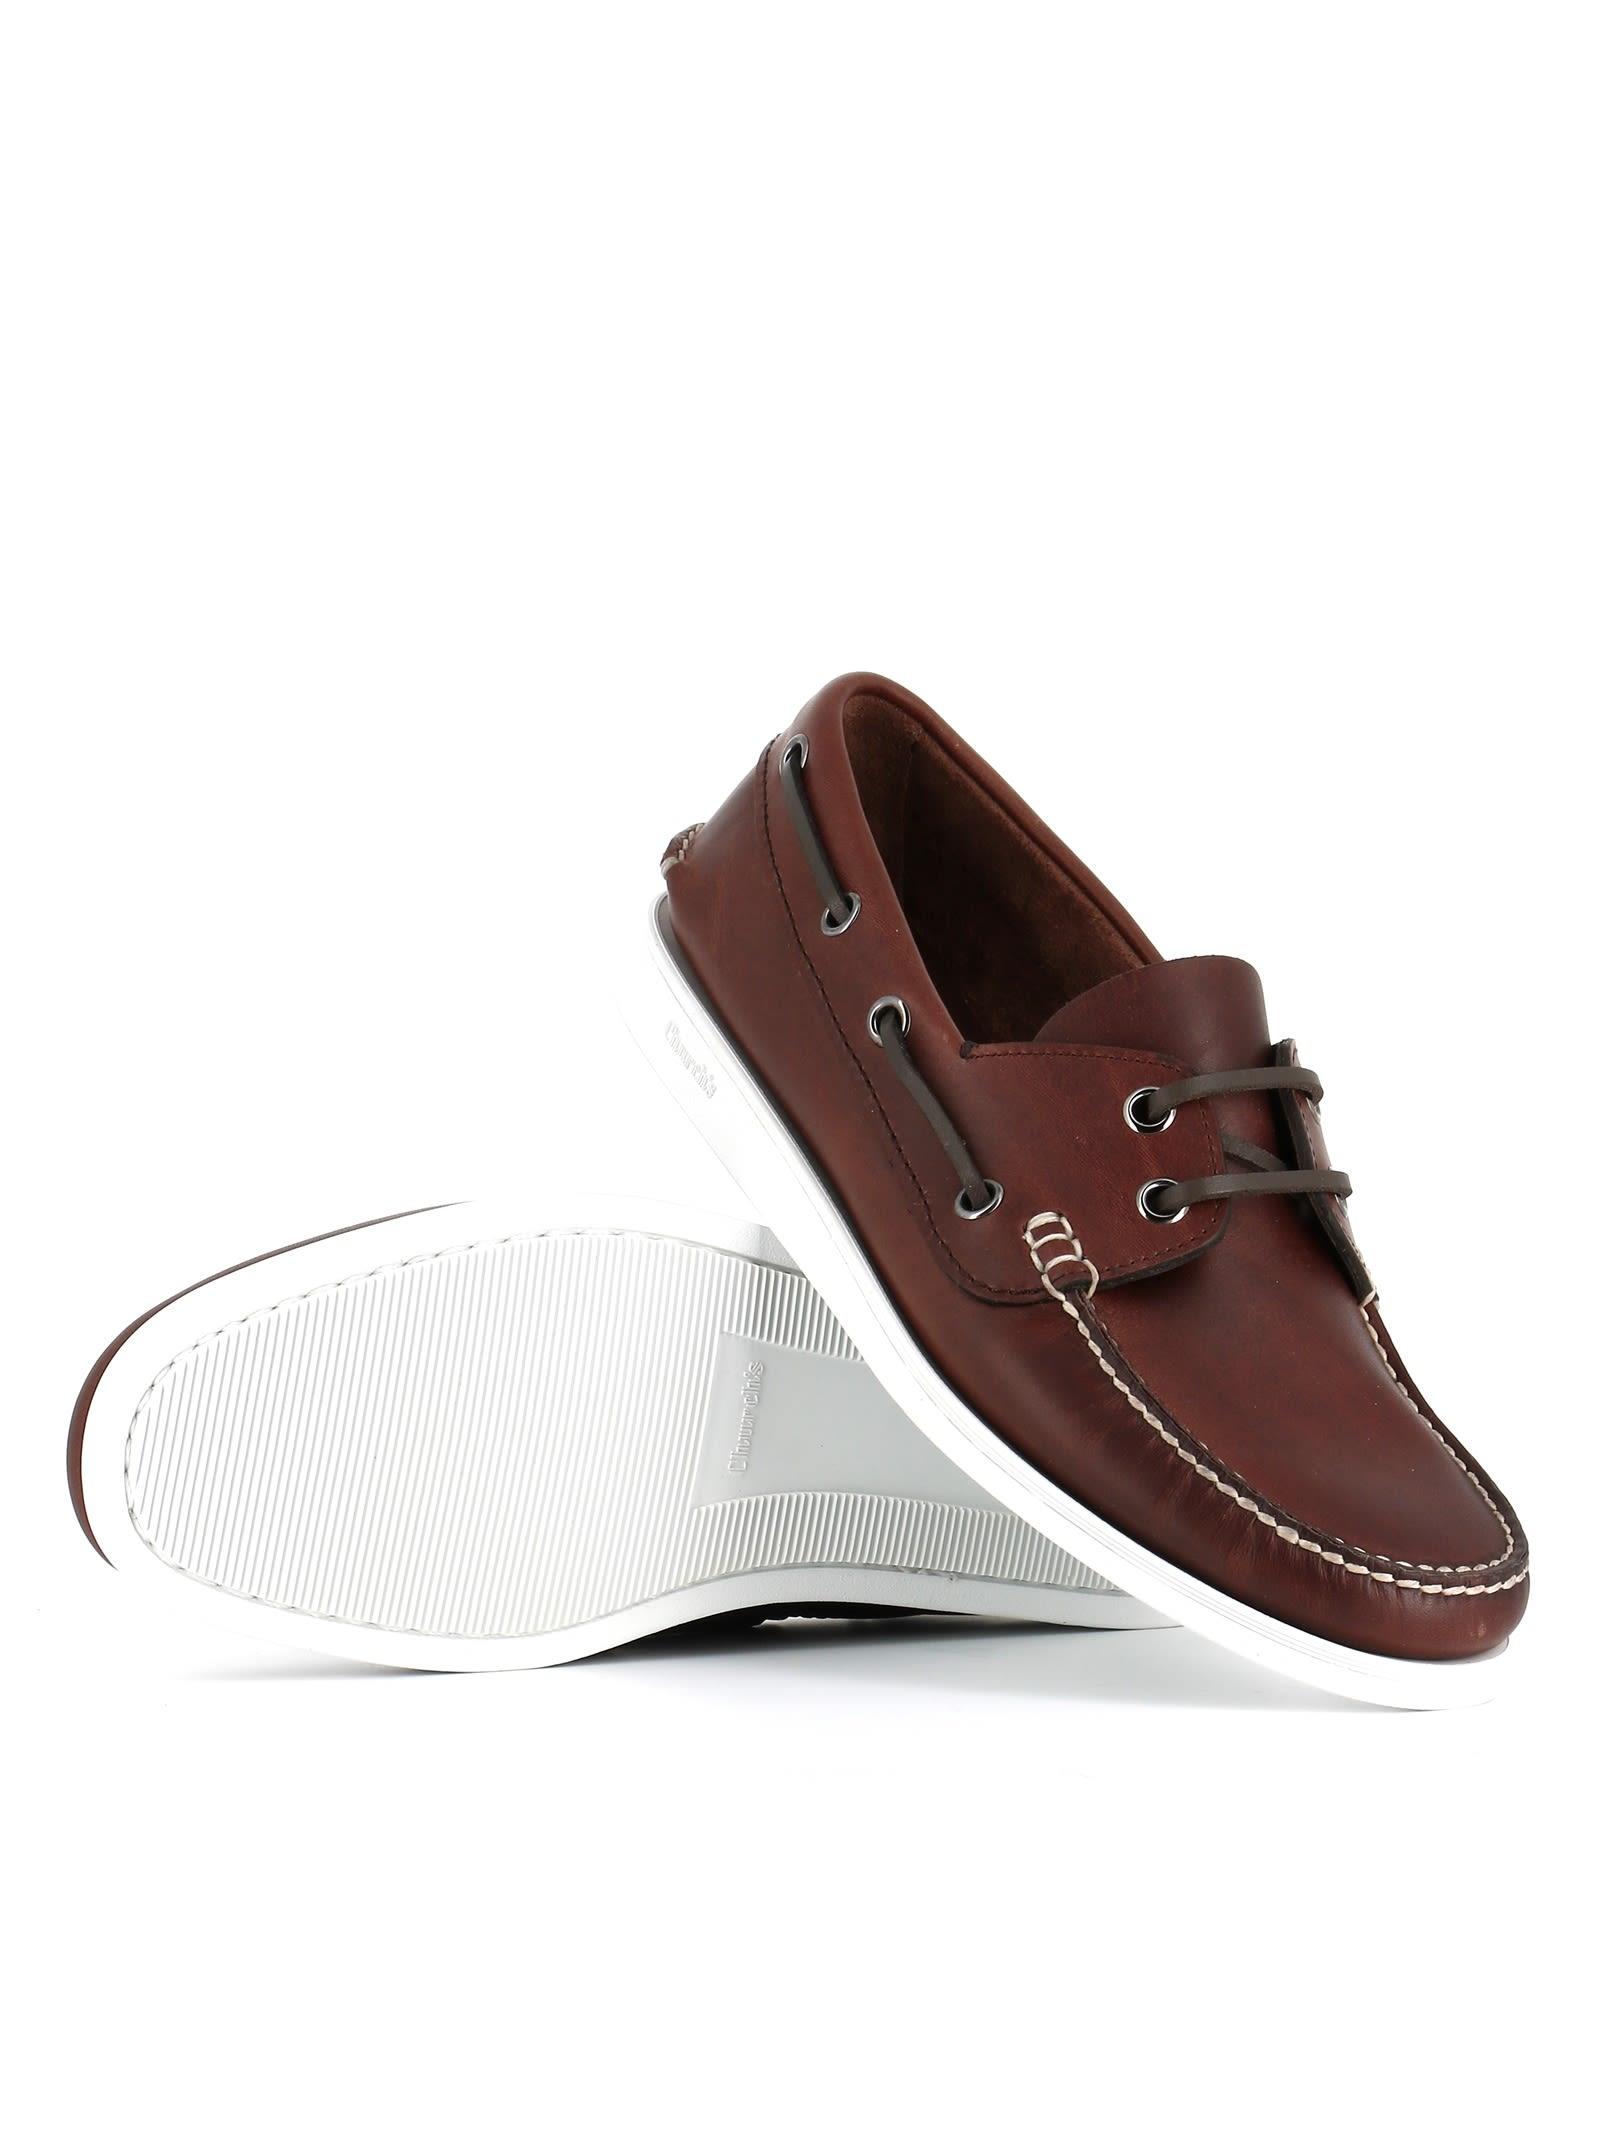 Chaussures Bateau De Marske De Edibo De L'église - Marron Ir1TLl